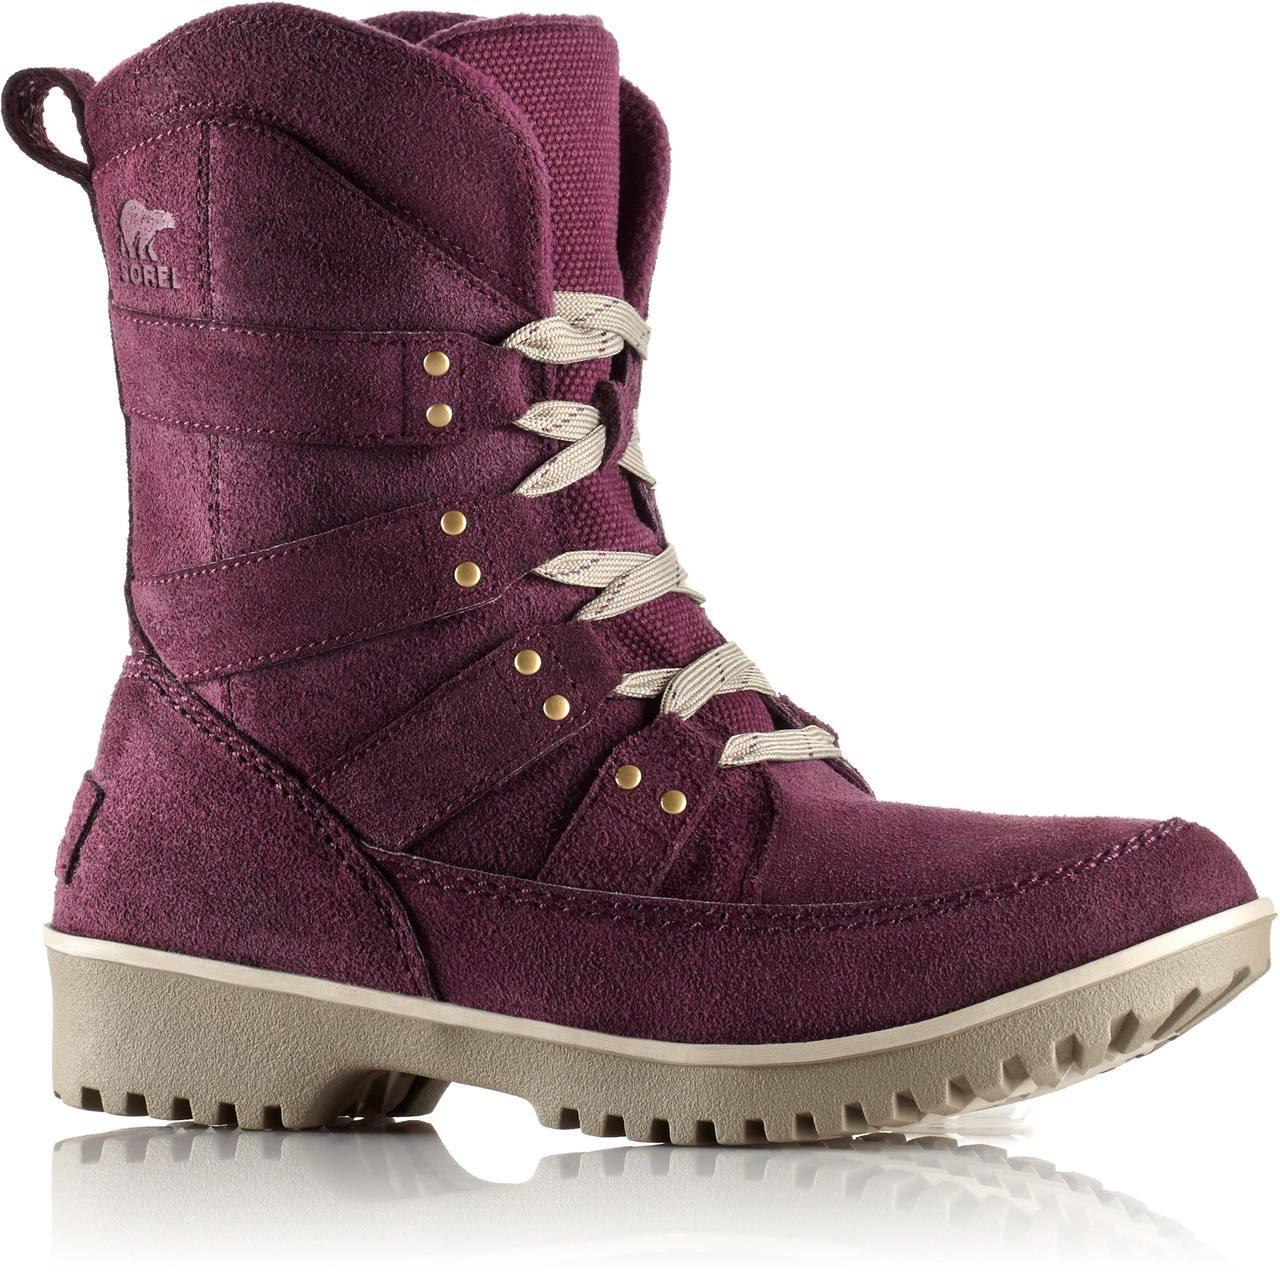 Sorel Boots Meadow Lace Sorel xBe21IV